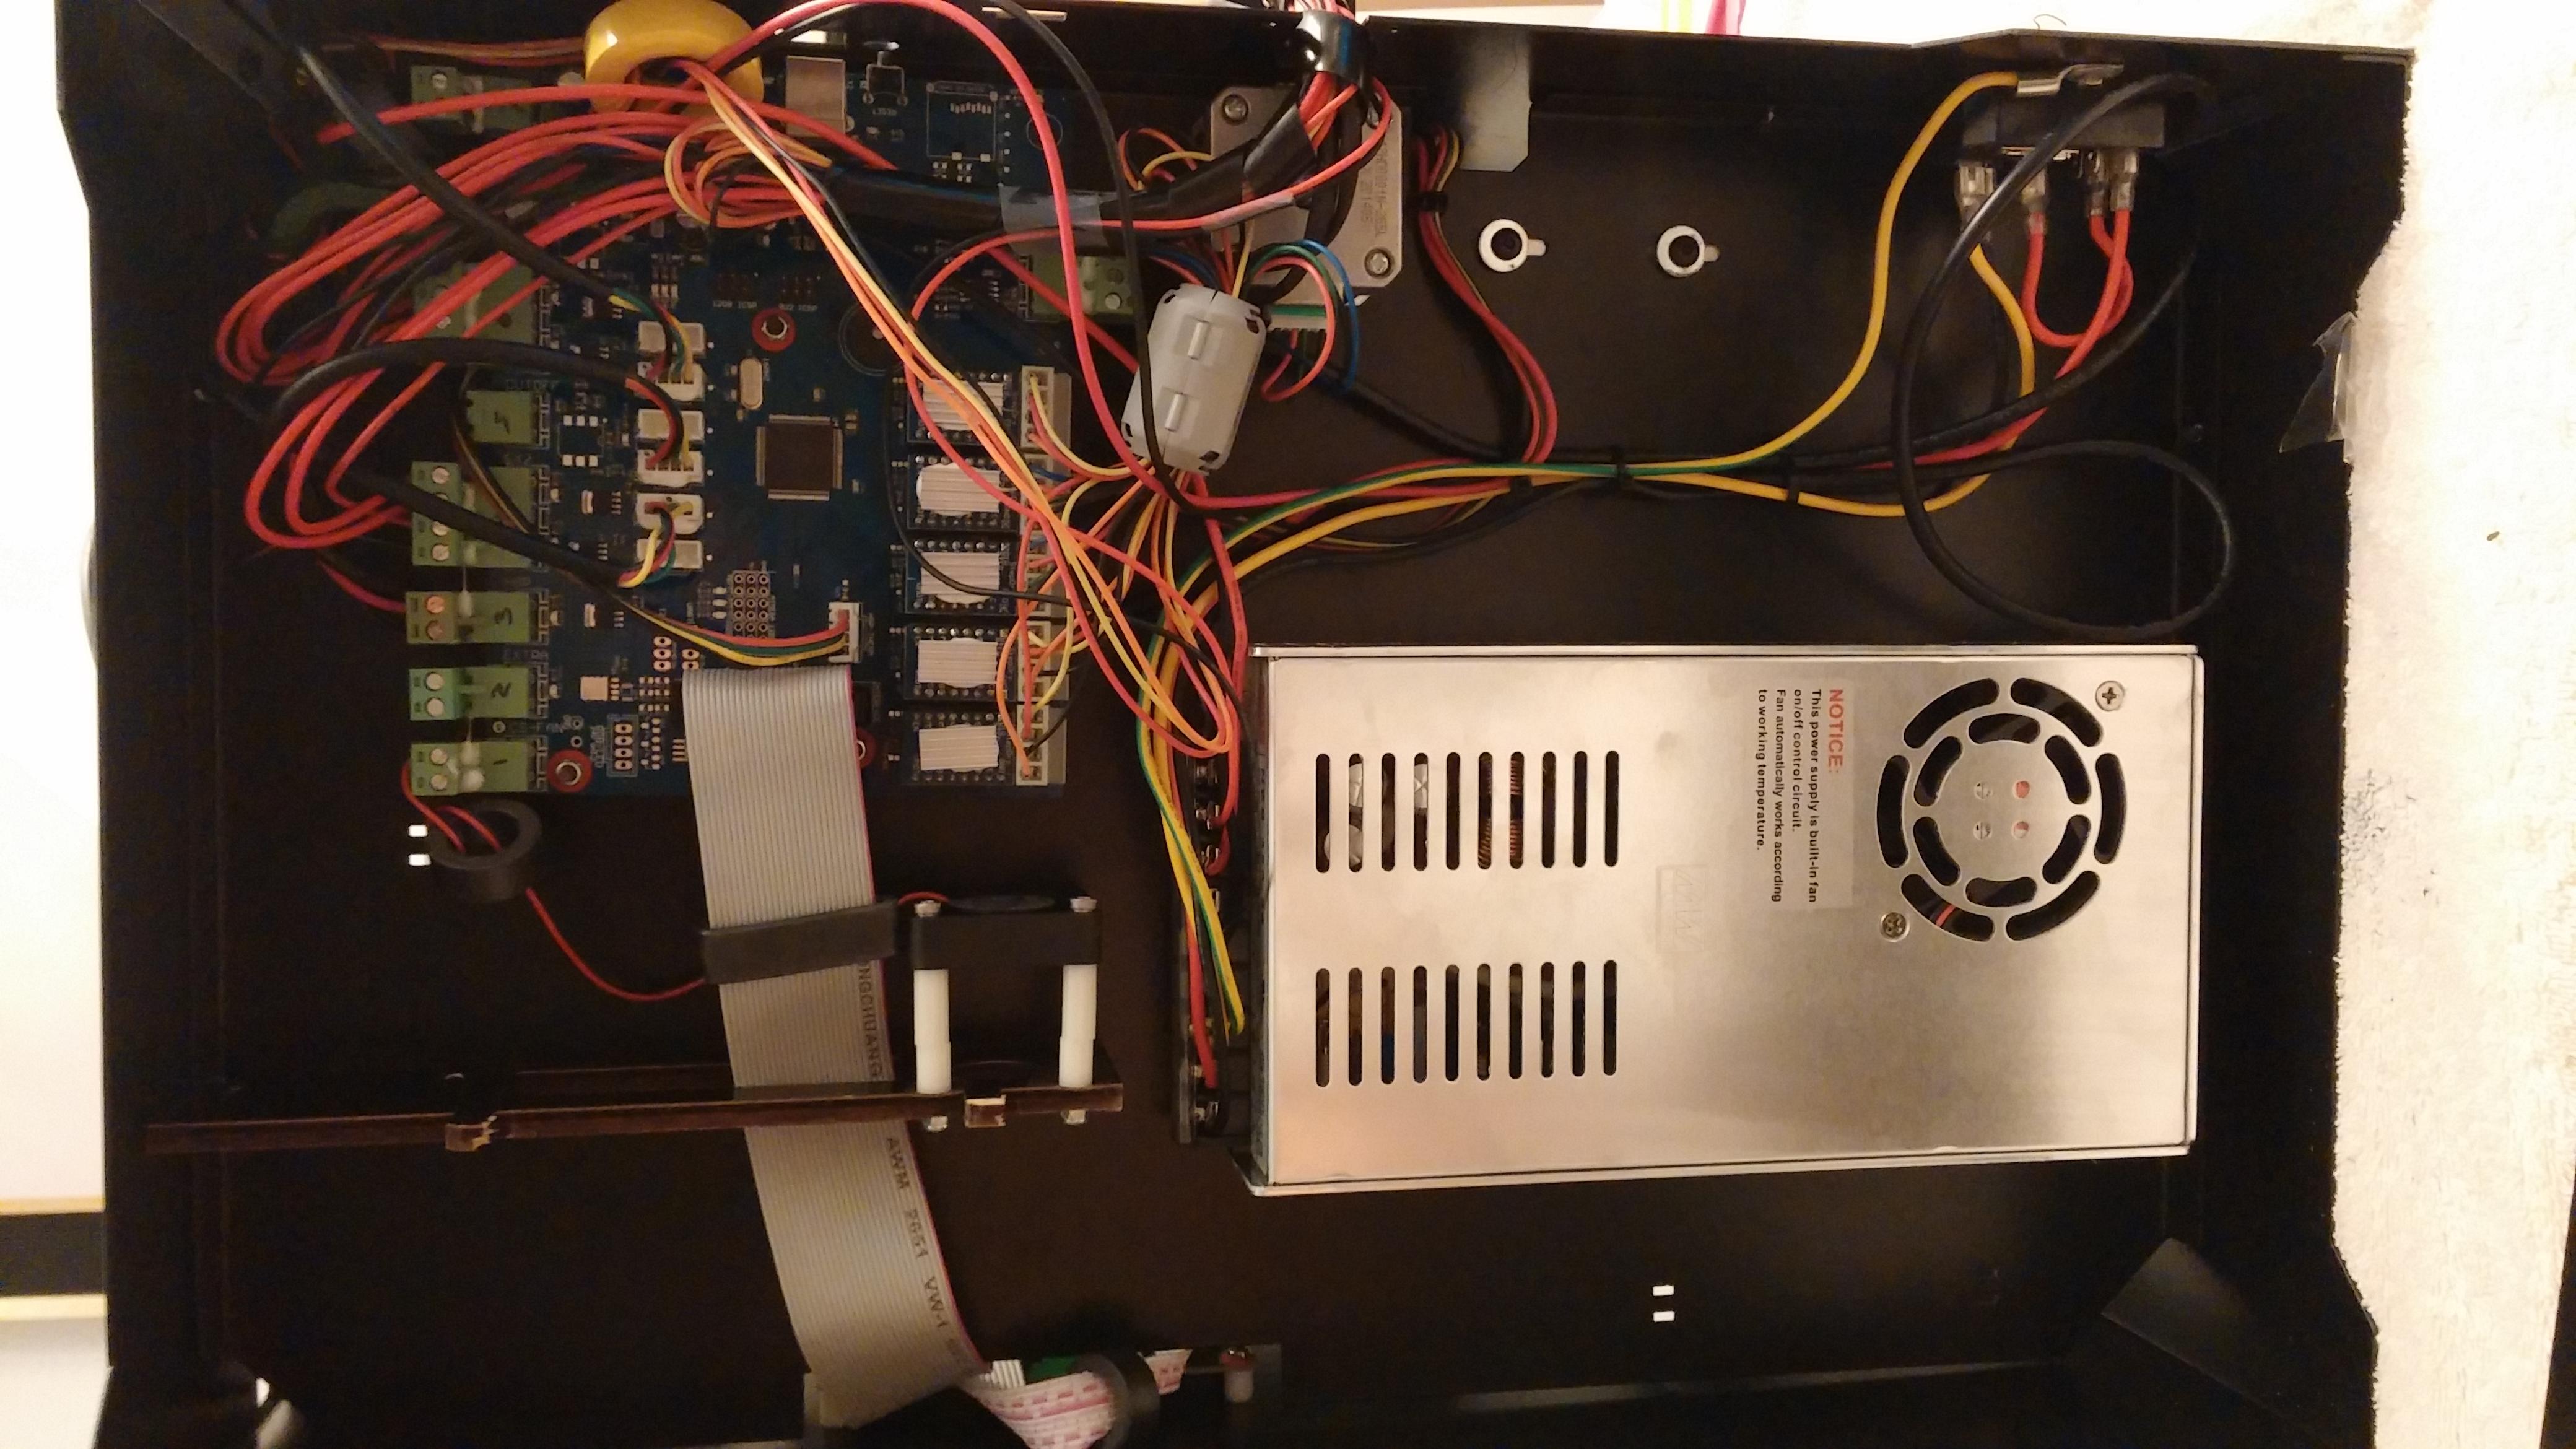 CTC Bizer II wiring- magnets? | CTC LTD | 3D Hubs Talk